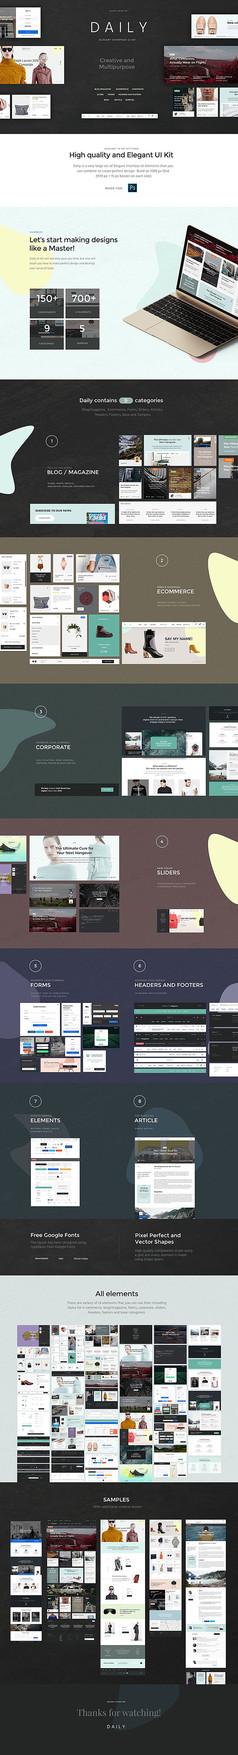 设计网页排版设计